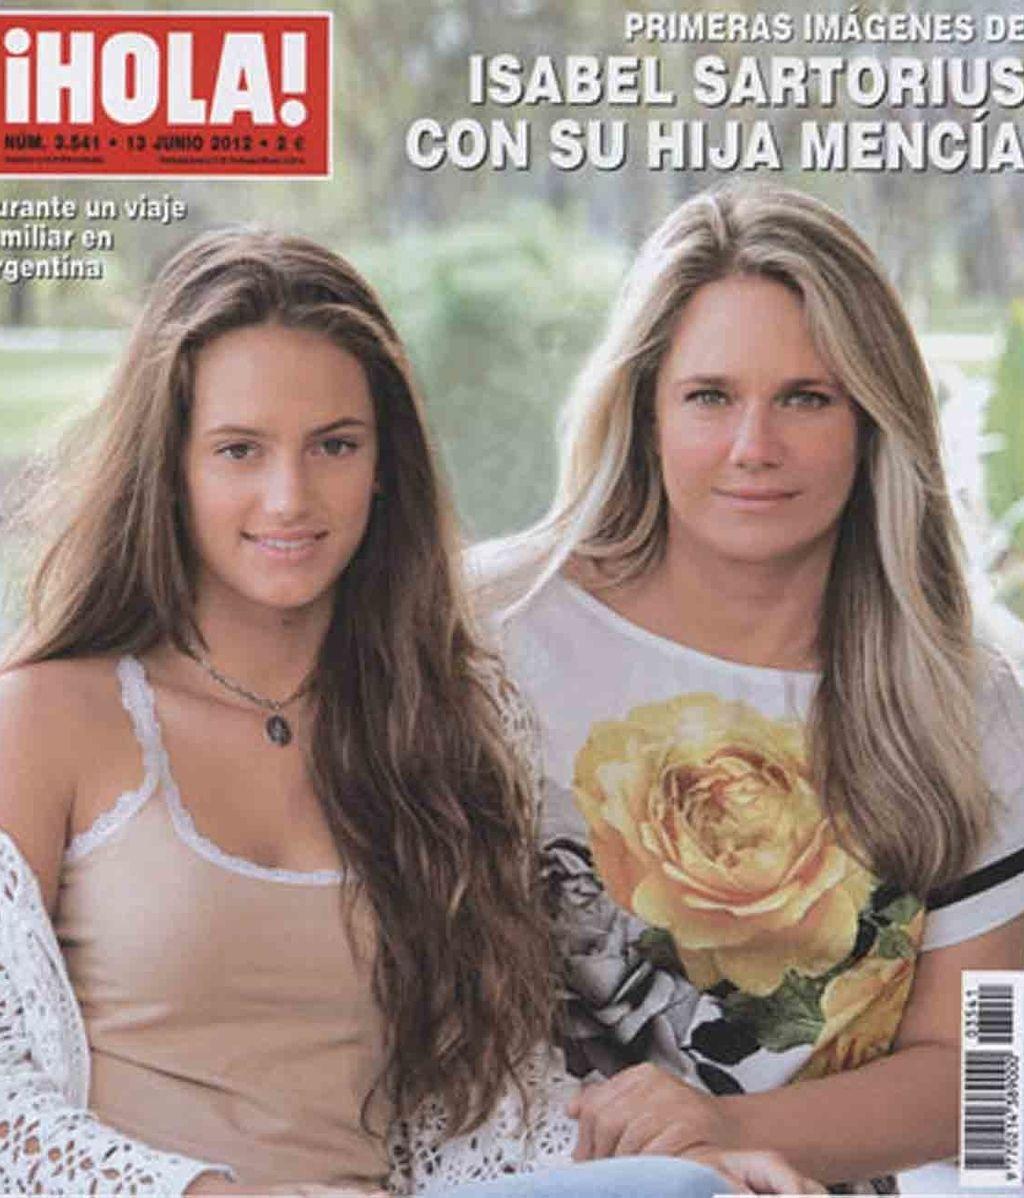 Isabel Sartorius posa con su hija Mencía